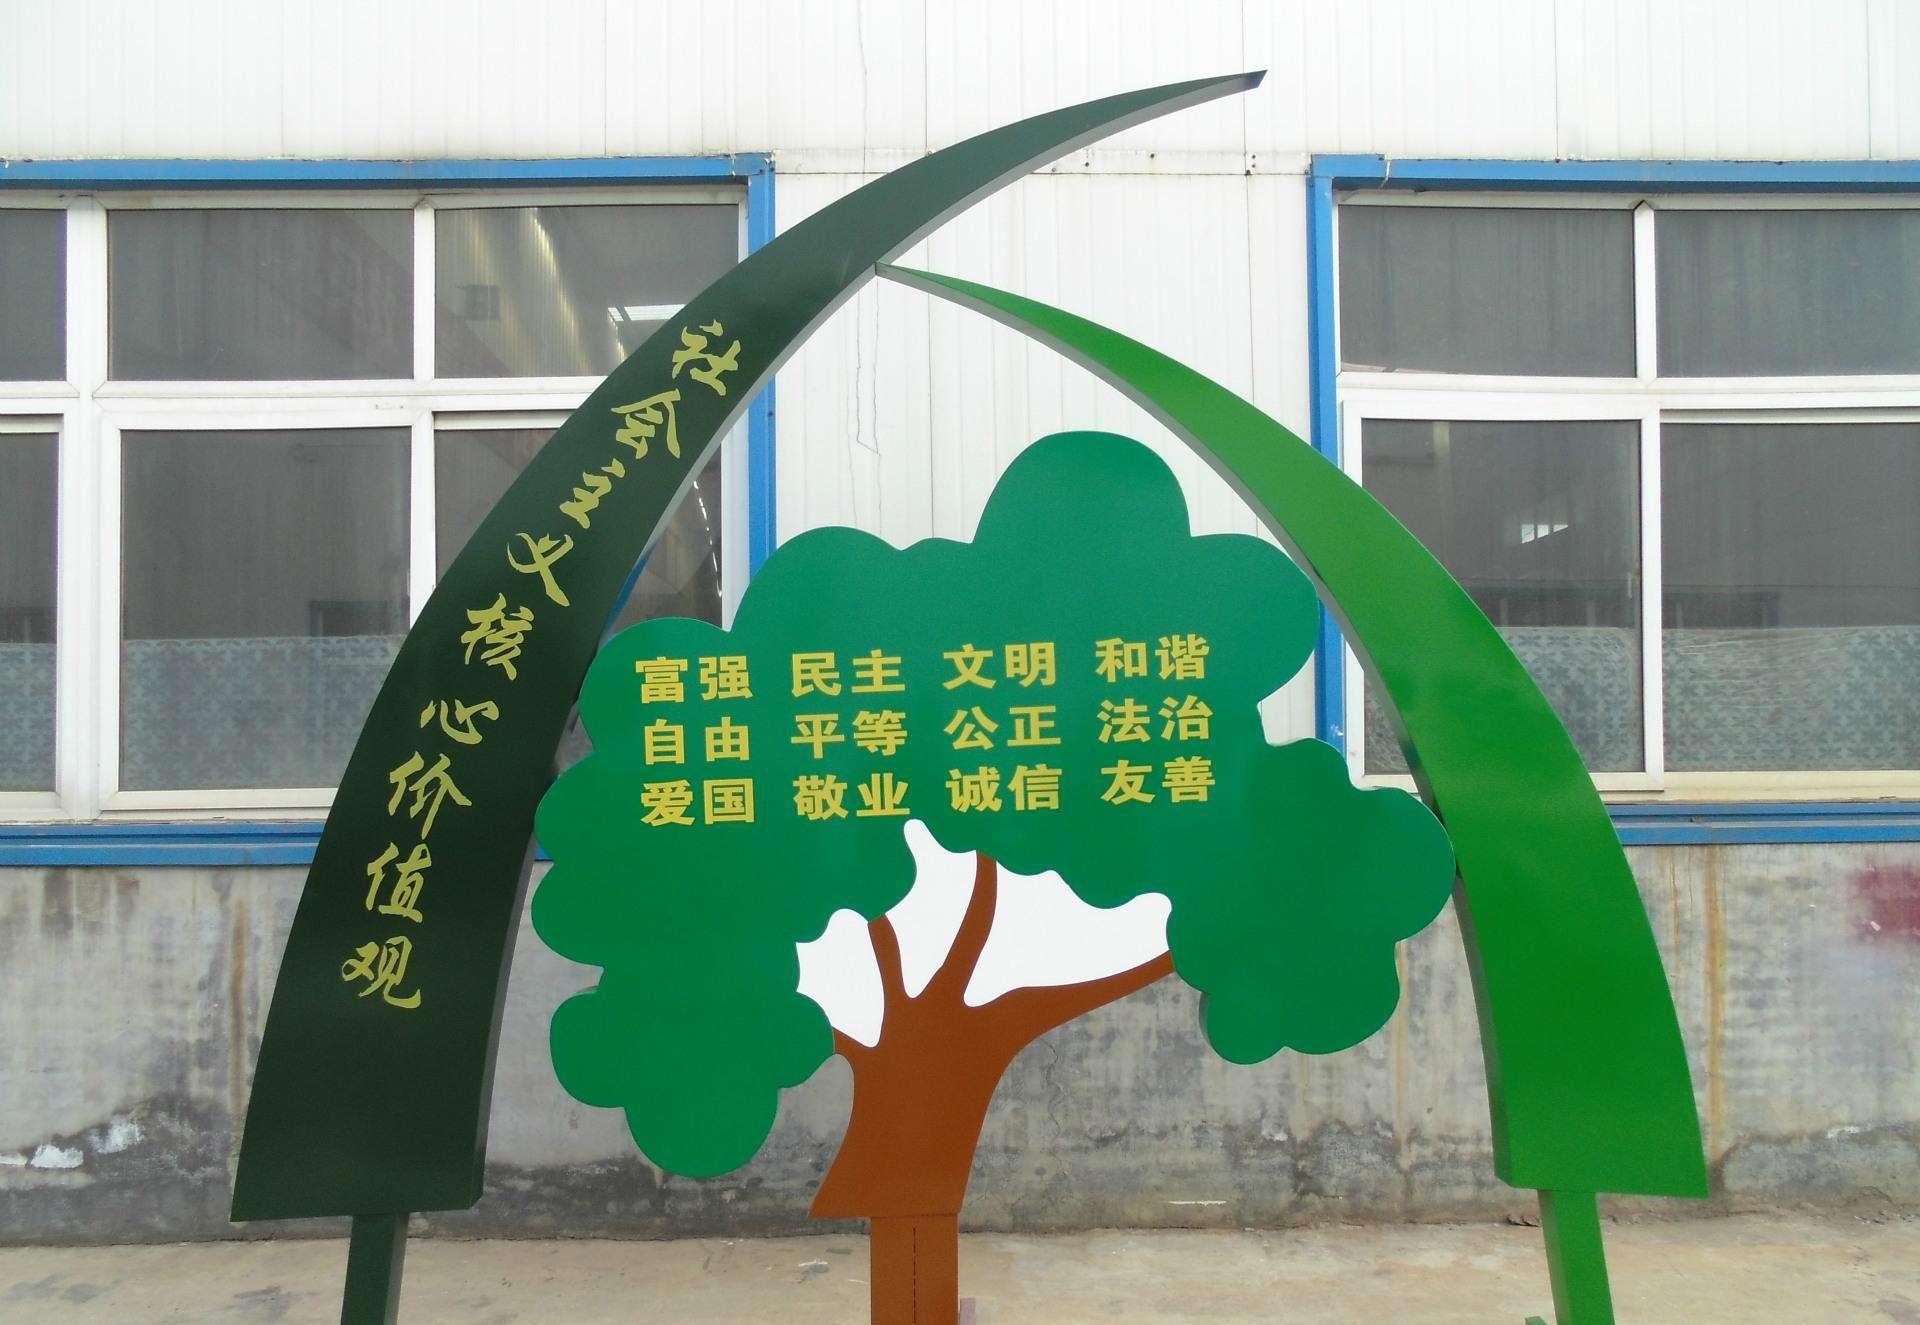 石景山价值观标牌生产厂家厂家网址